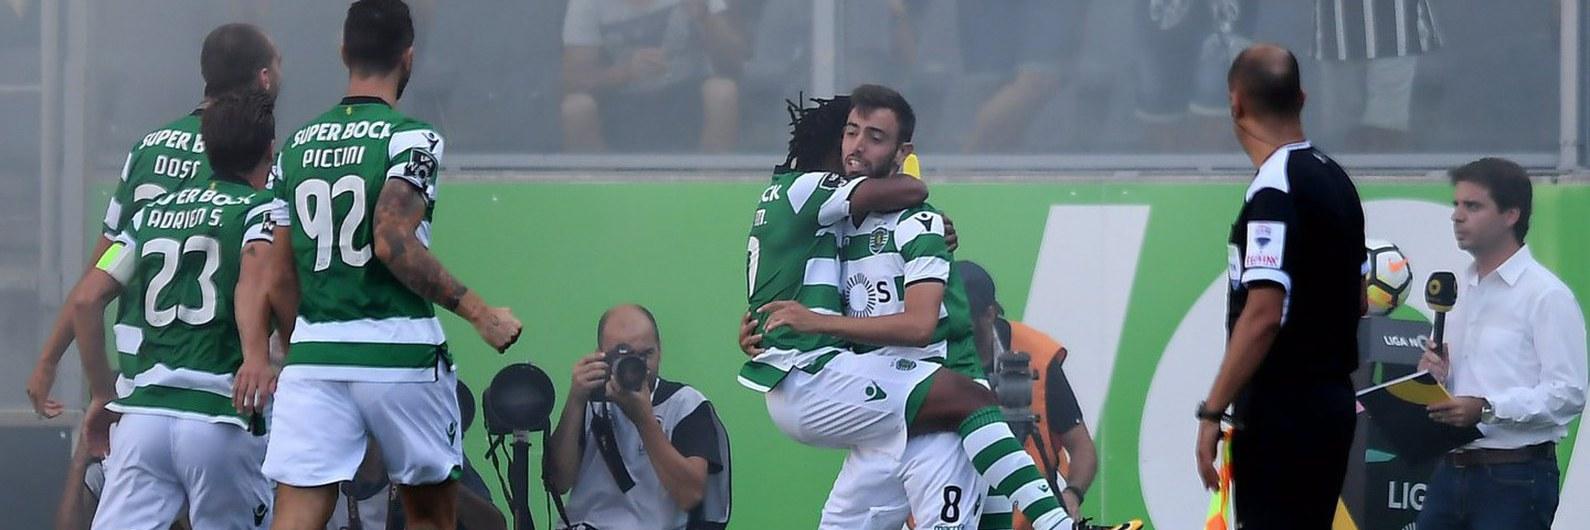 Leão ´assalta` o Castelo ´à bomba` e ganha moral para a Champions